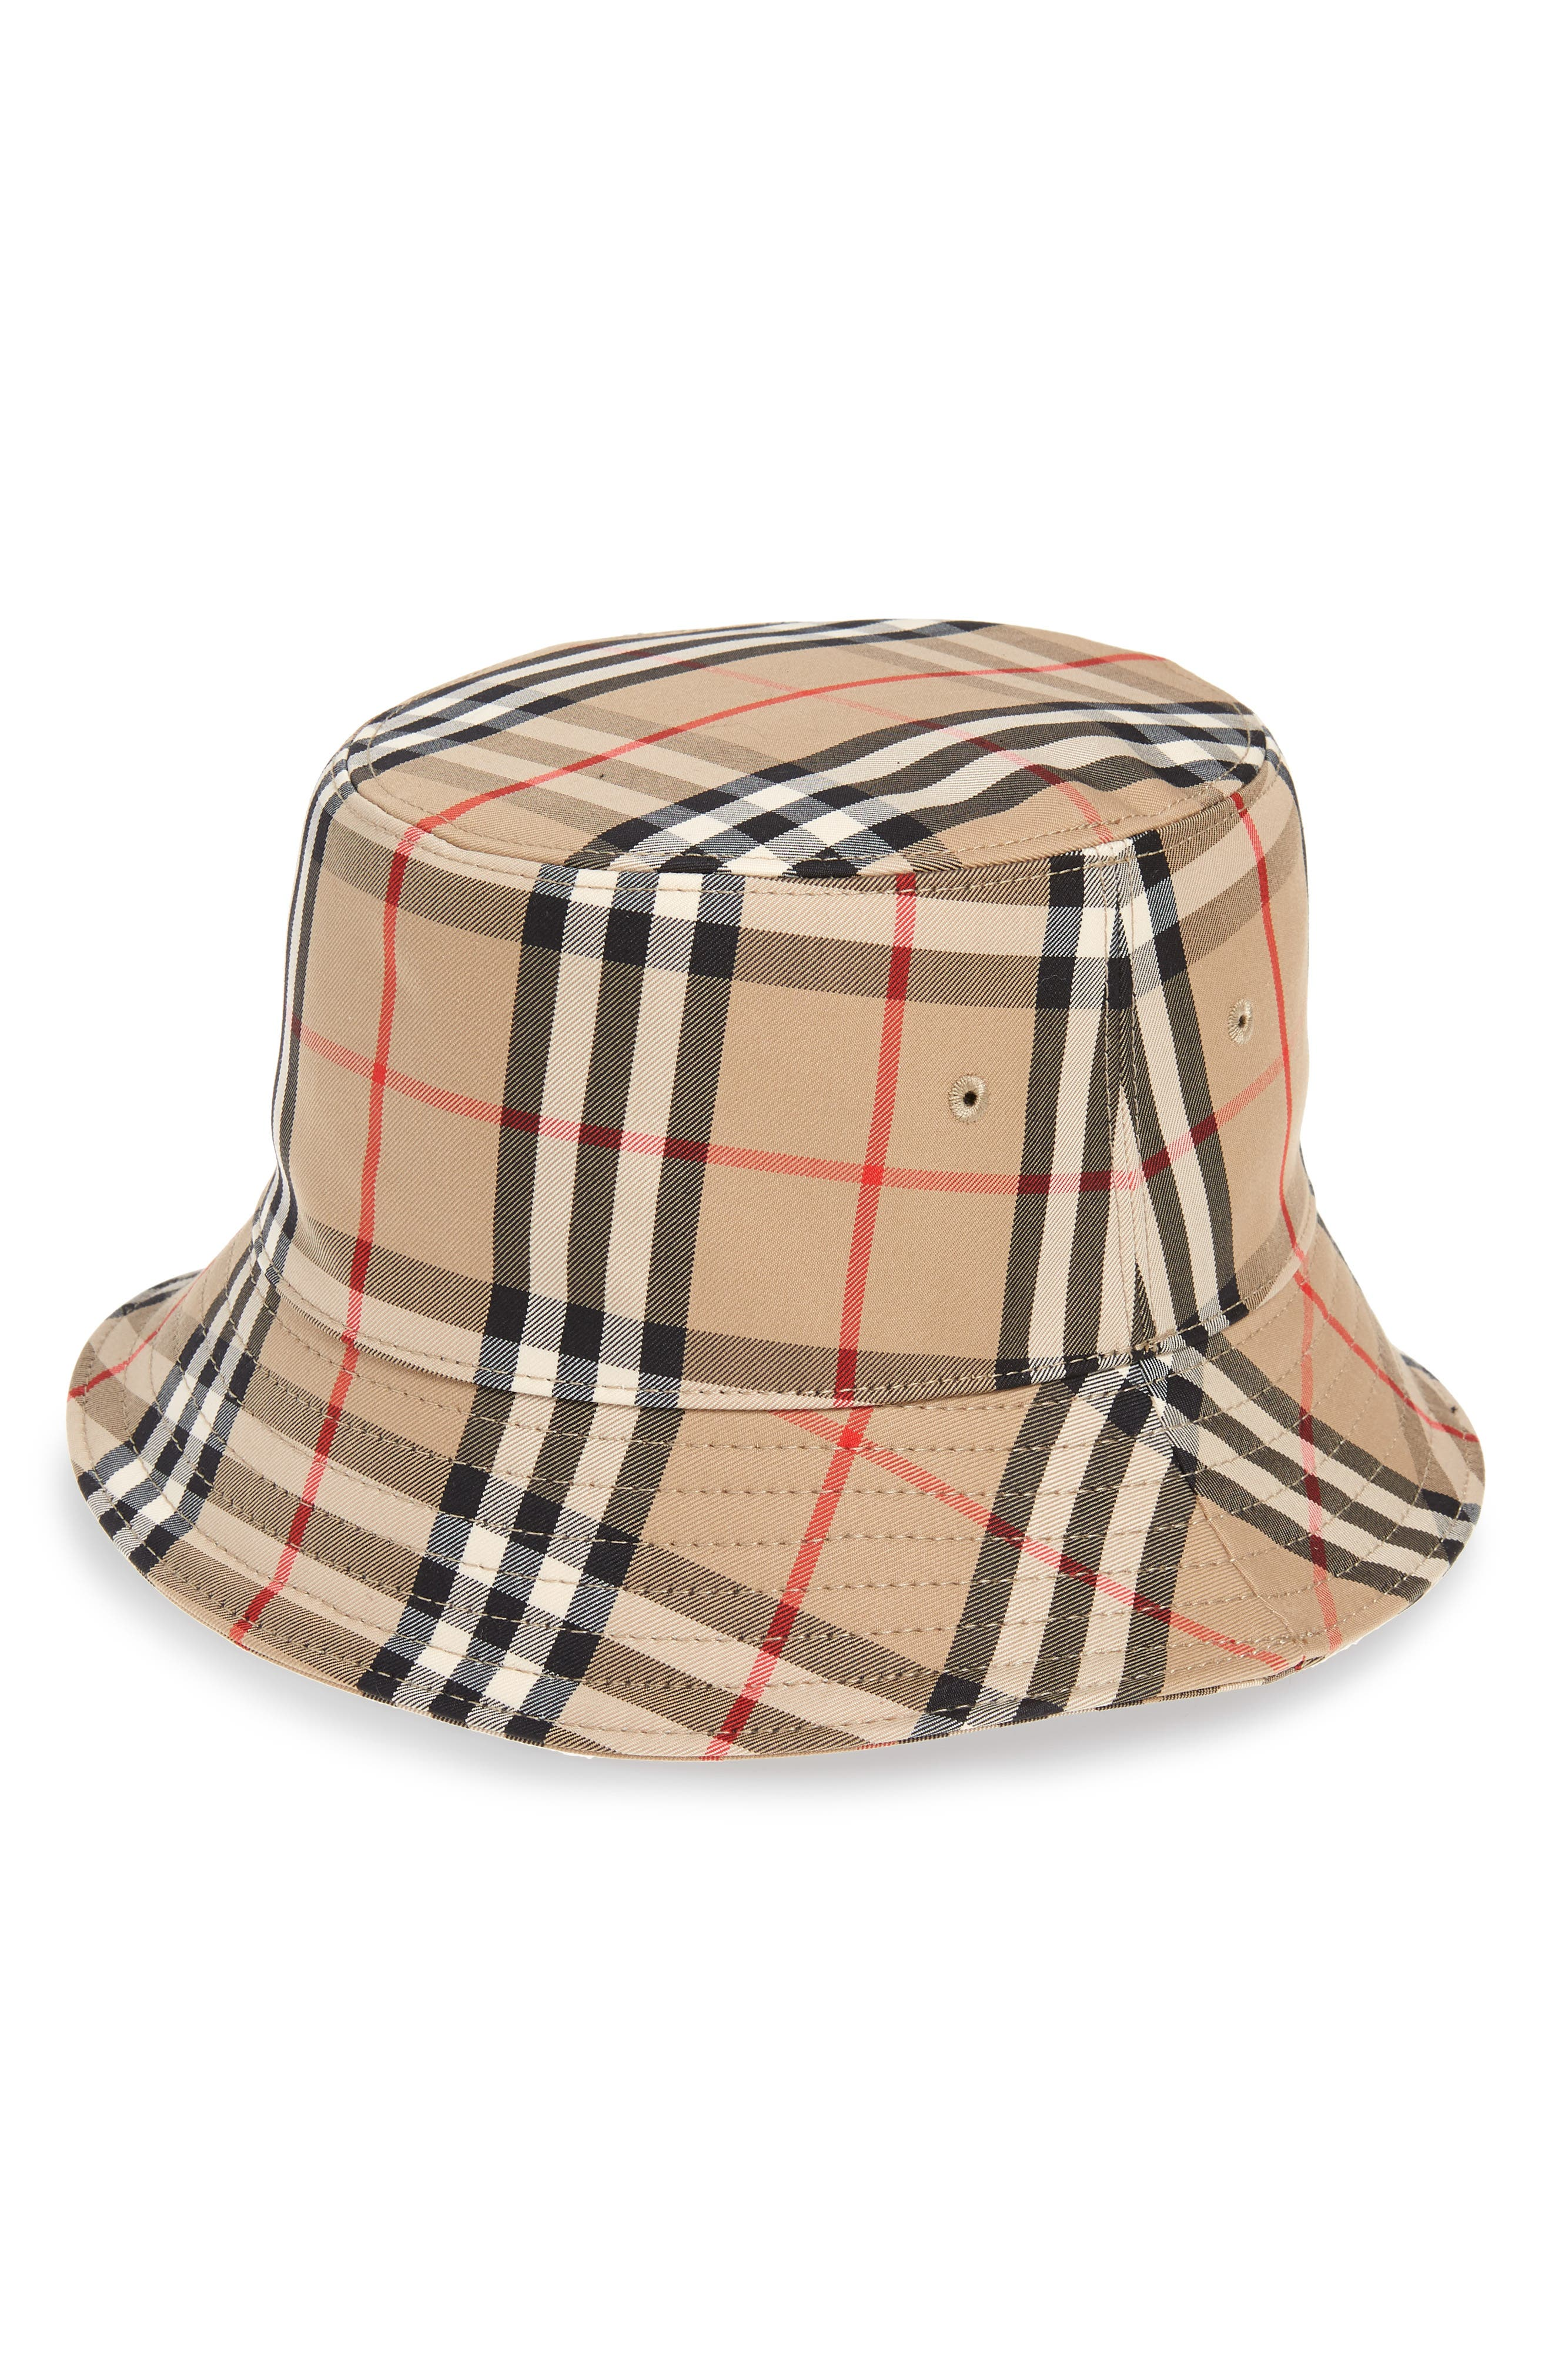 Women's Burberry Heavy Check Bucket Hat - Beige